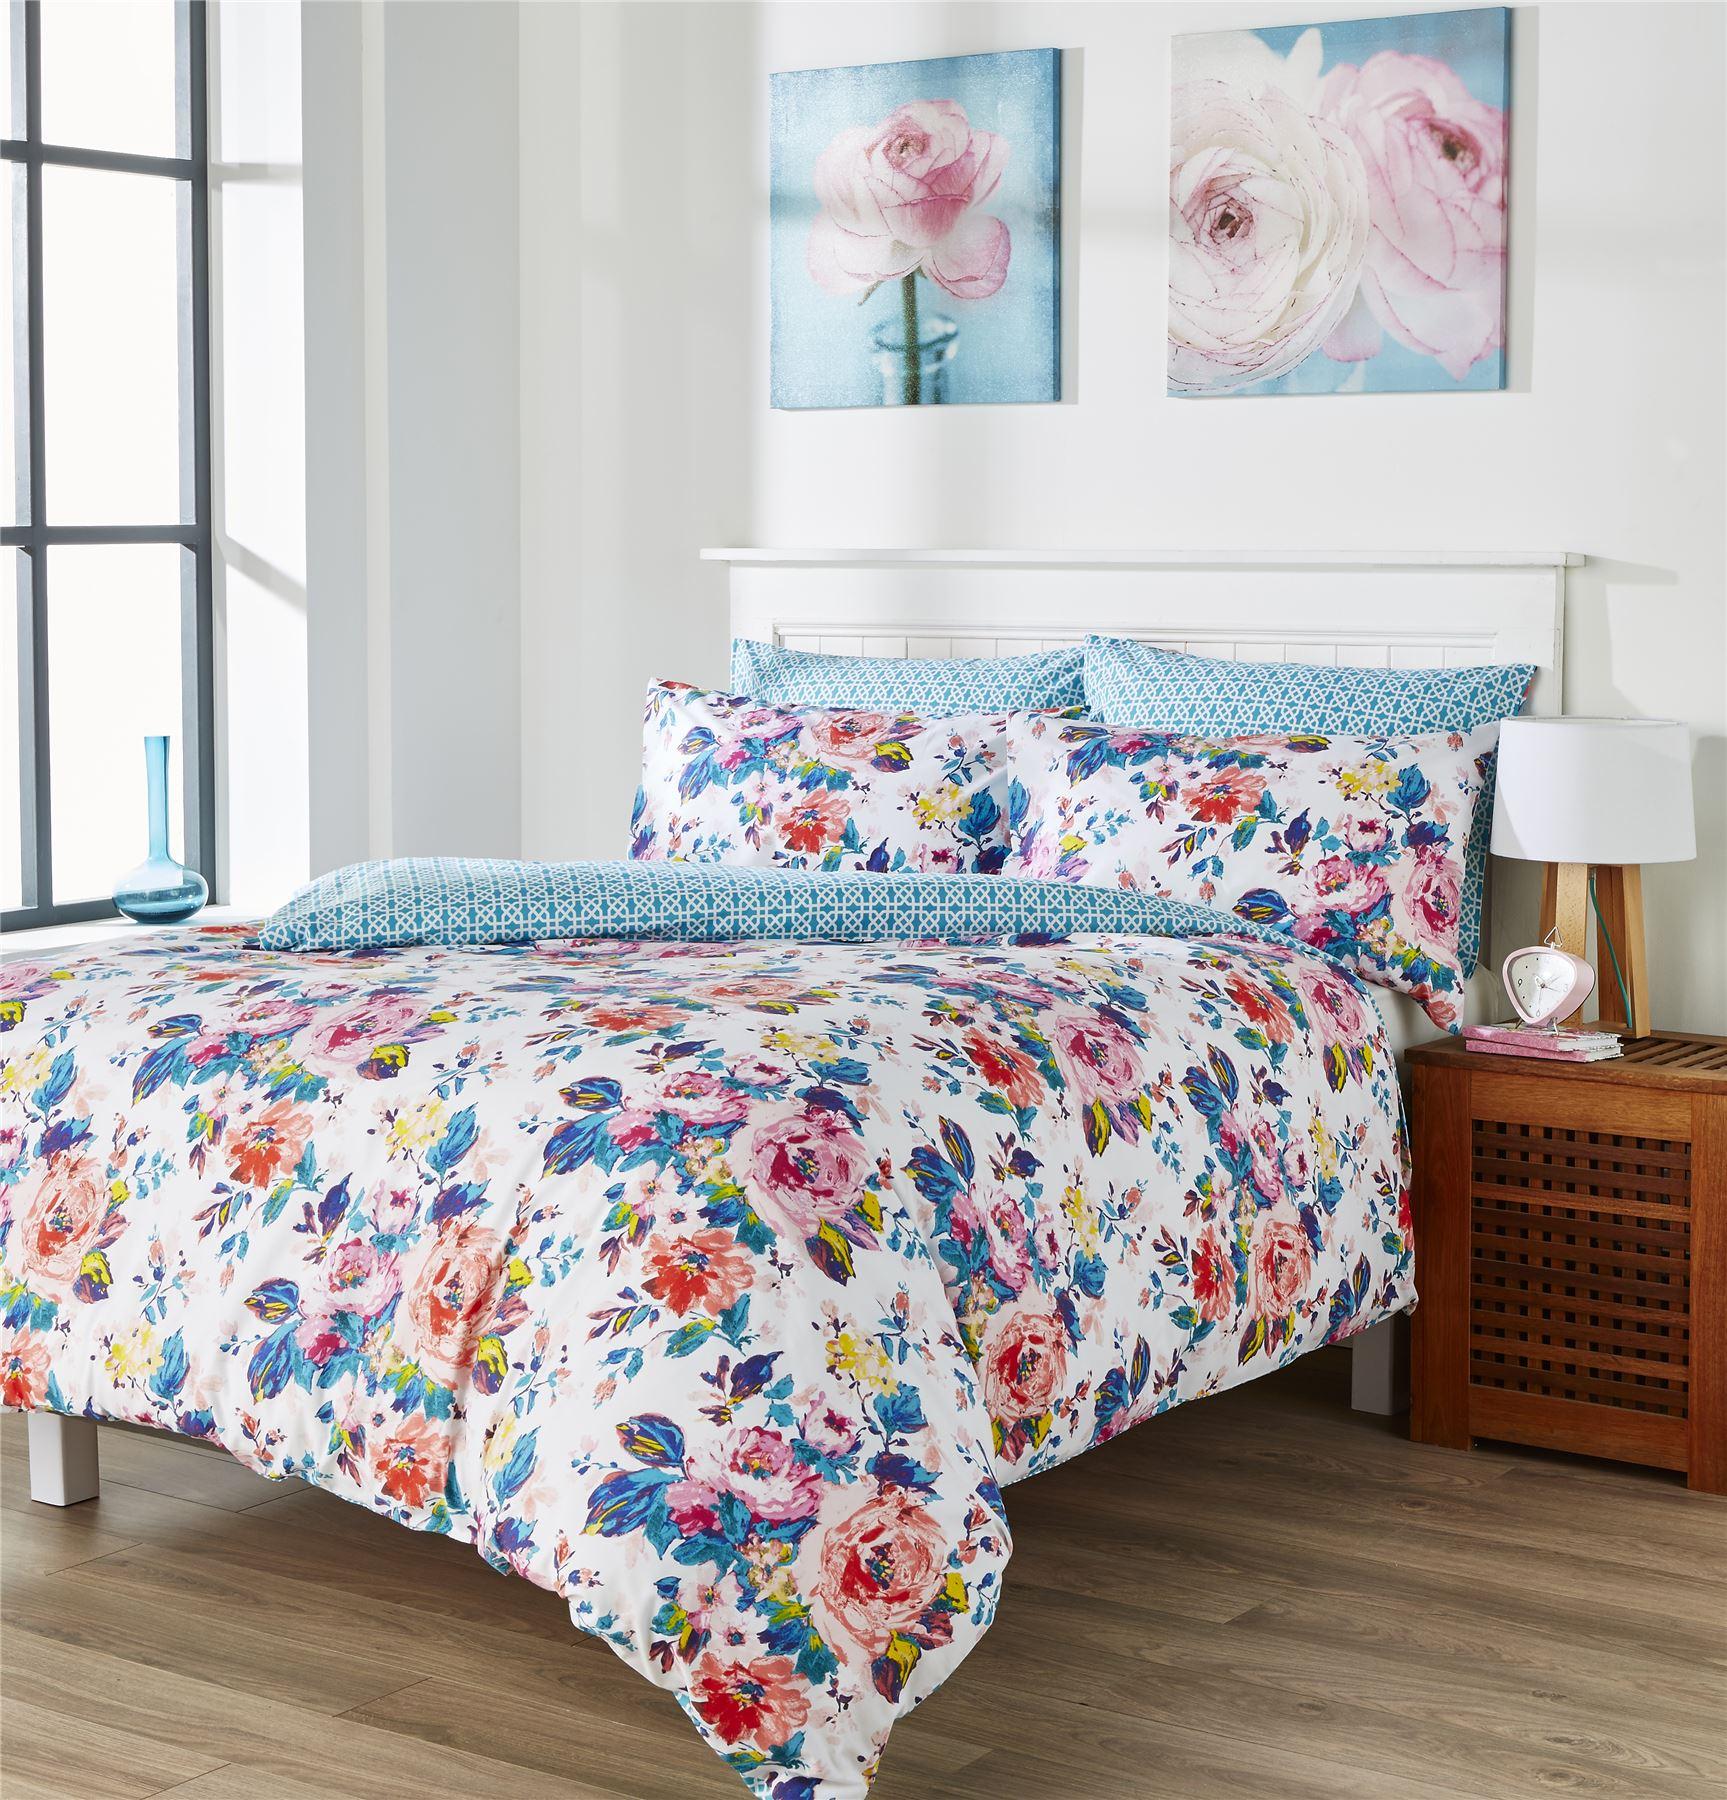 Kingsley Harper Coral Floral Blue White Reversible Duvet Quilt Cover